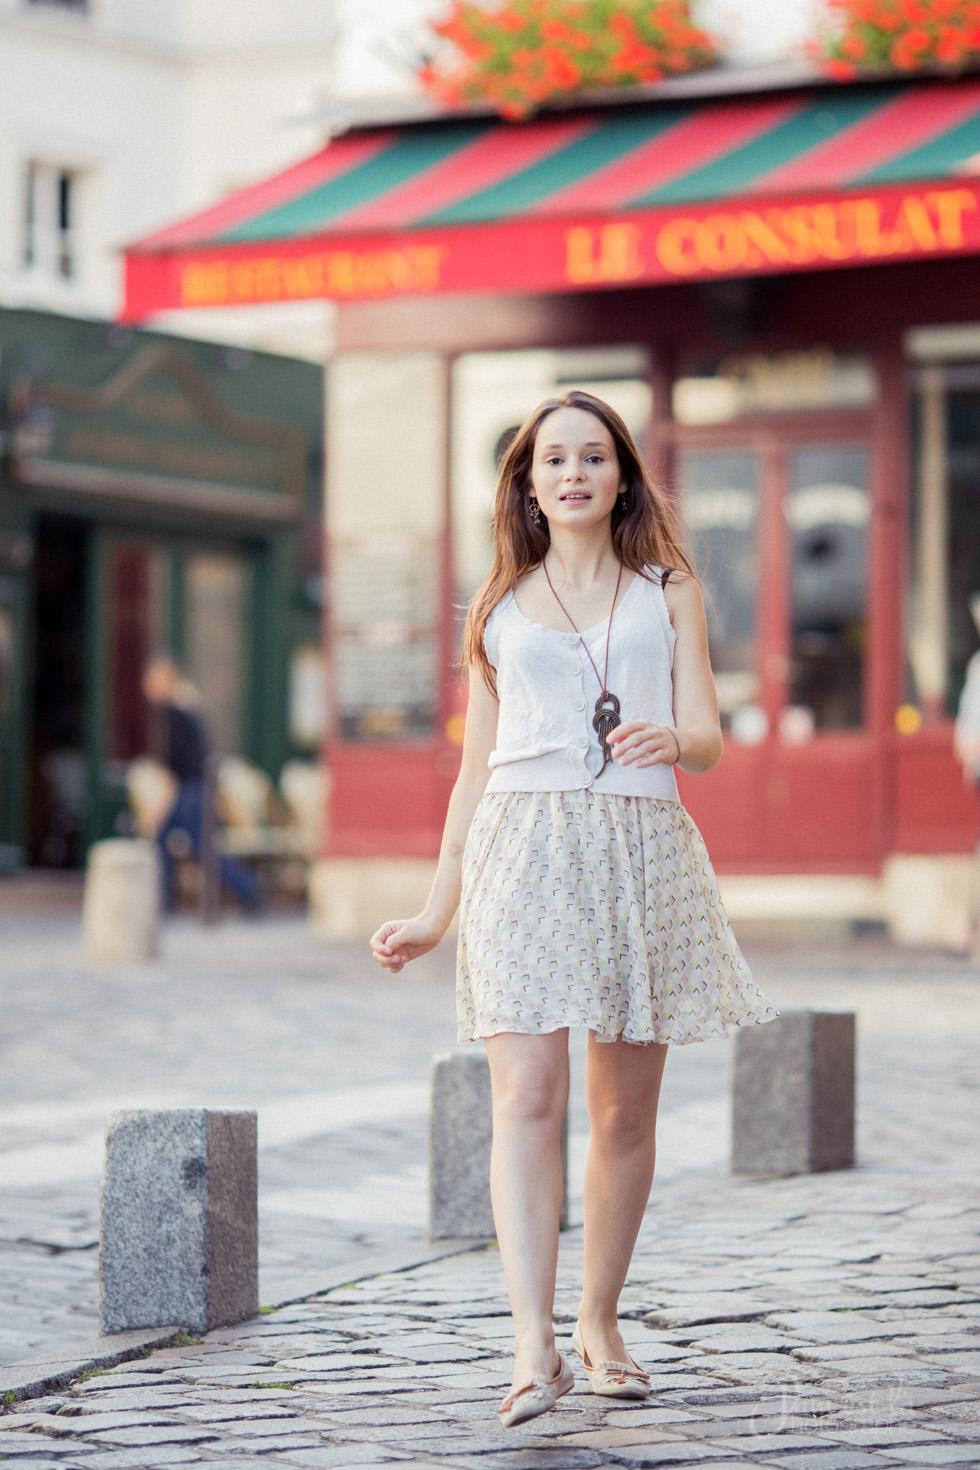 photographe-portrait-de-femme-paris-06